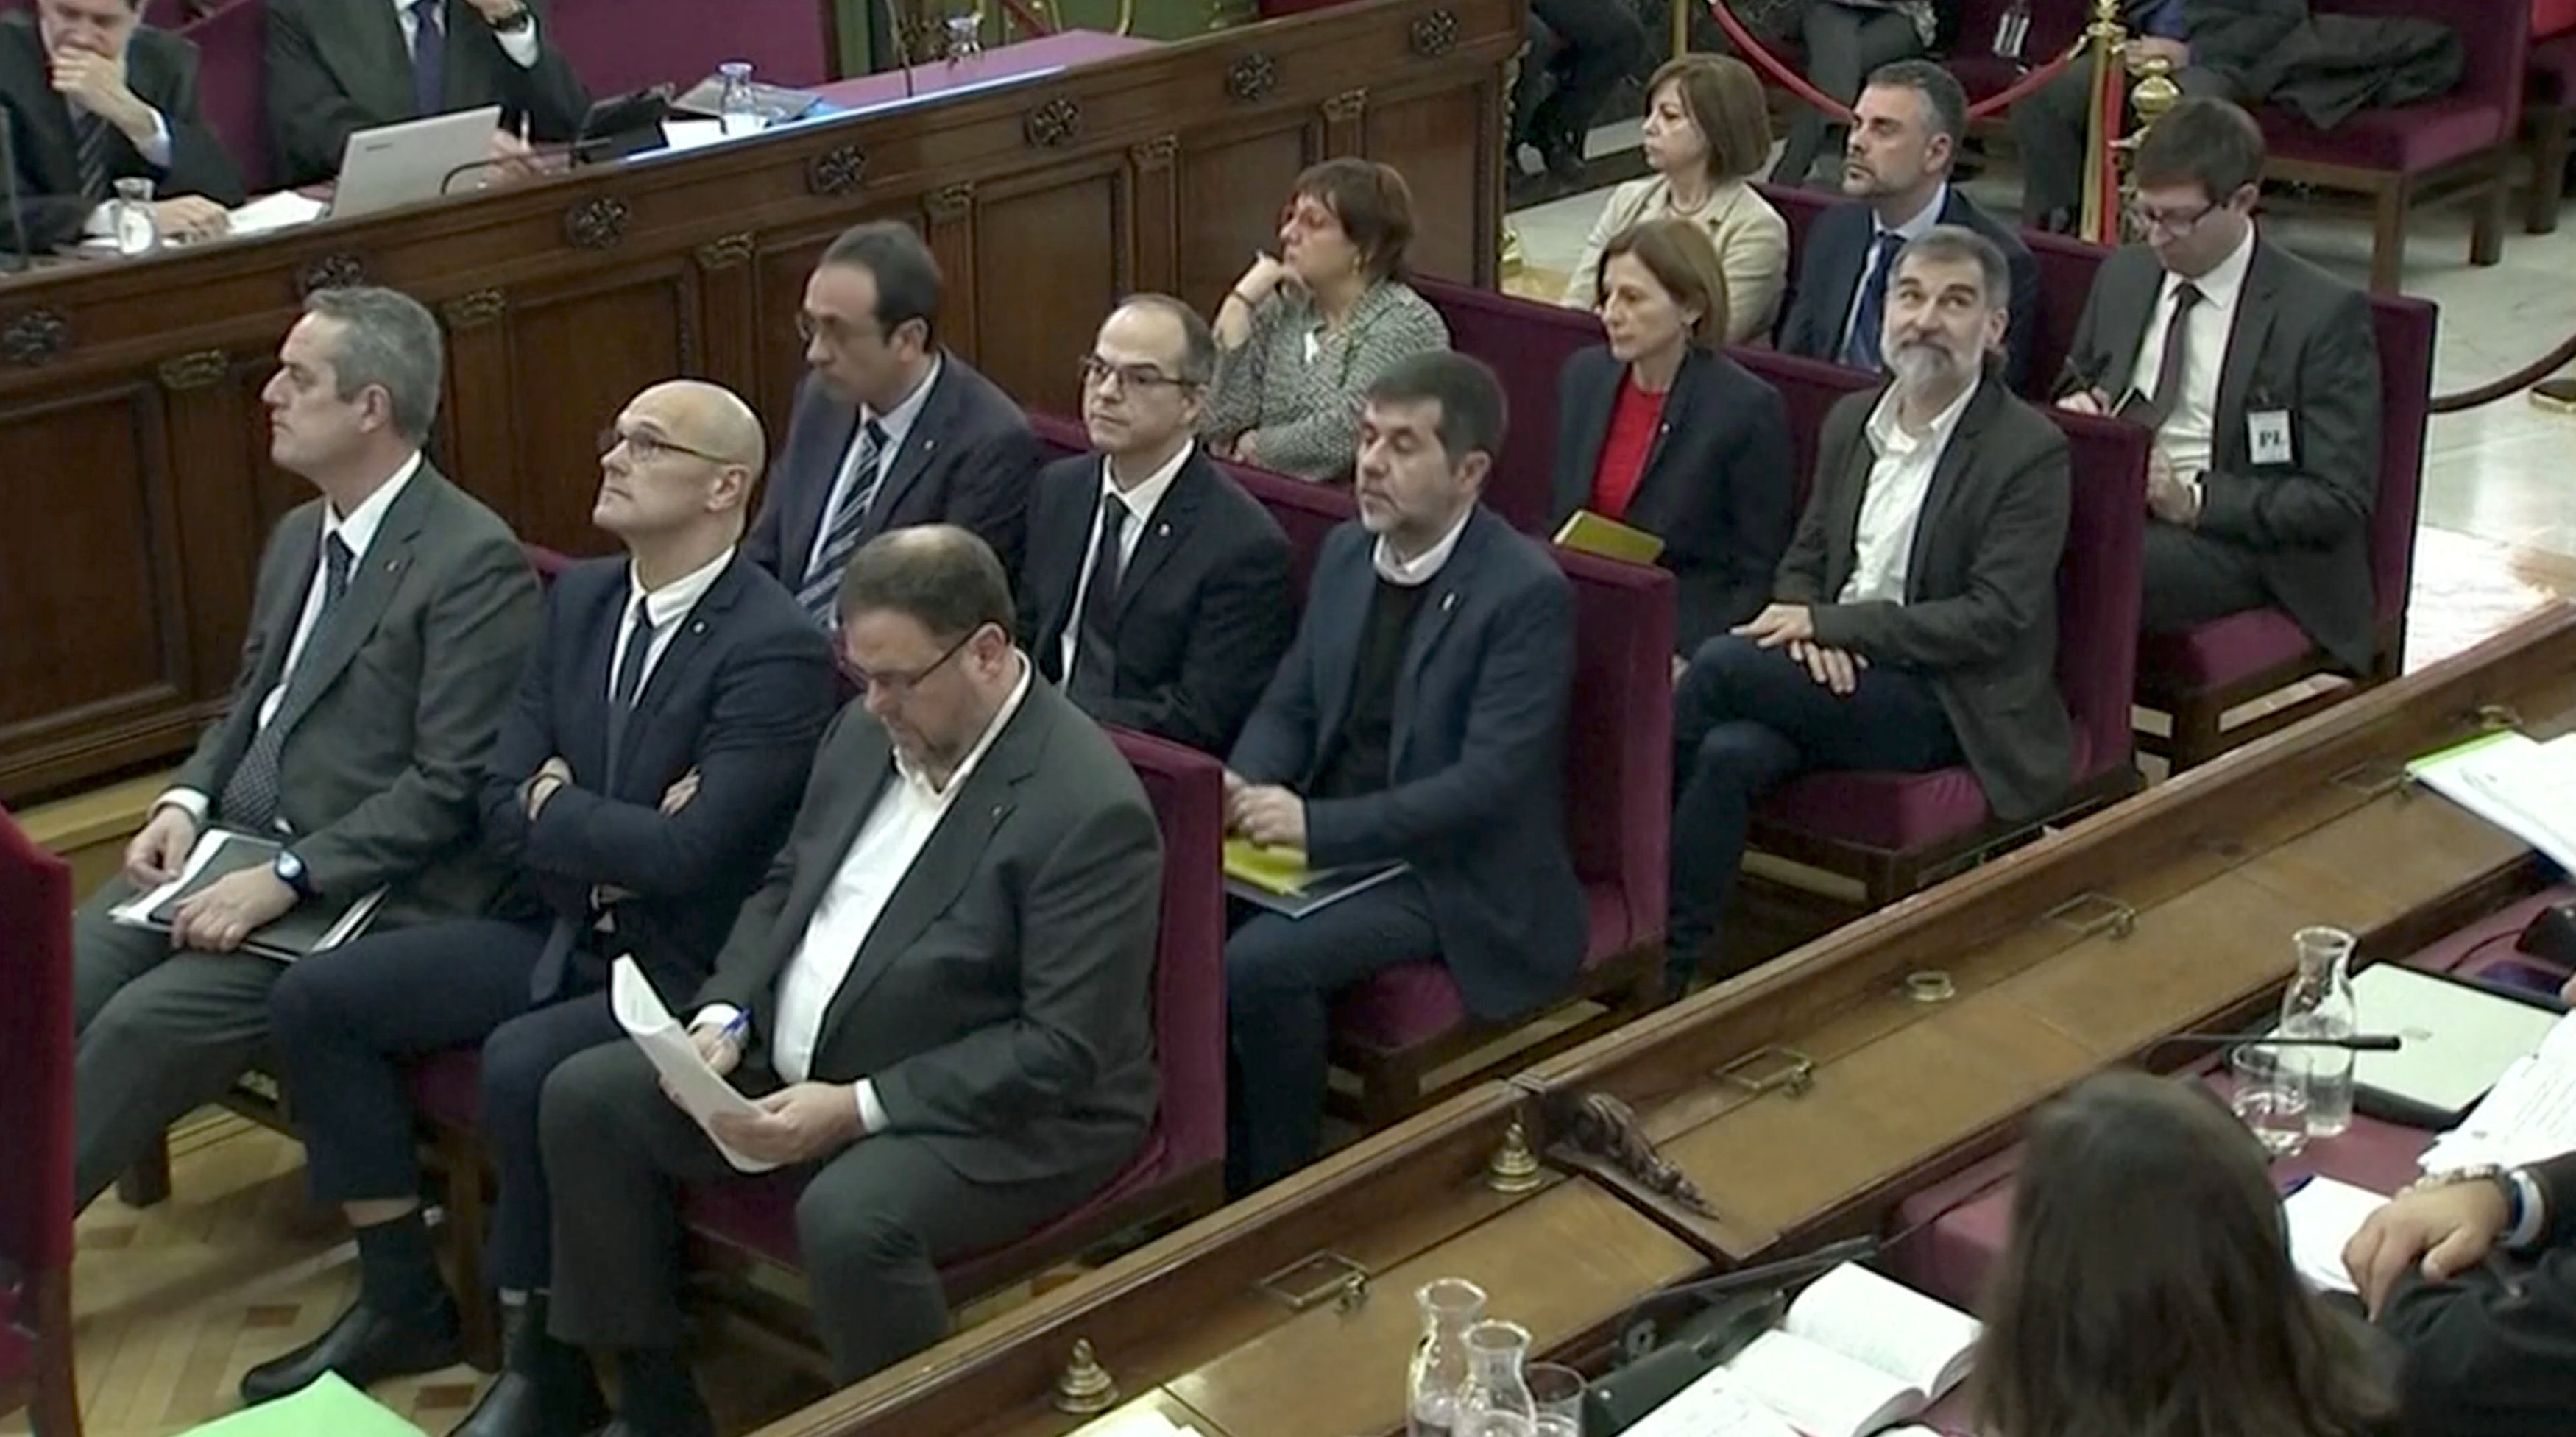 Los líderes separatistas catalanes procesados en Madrid